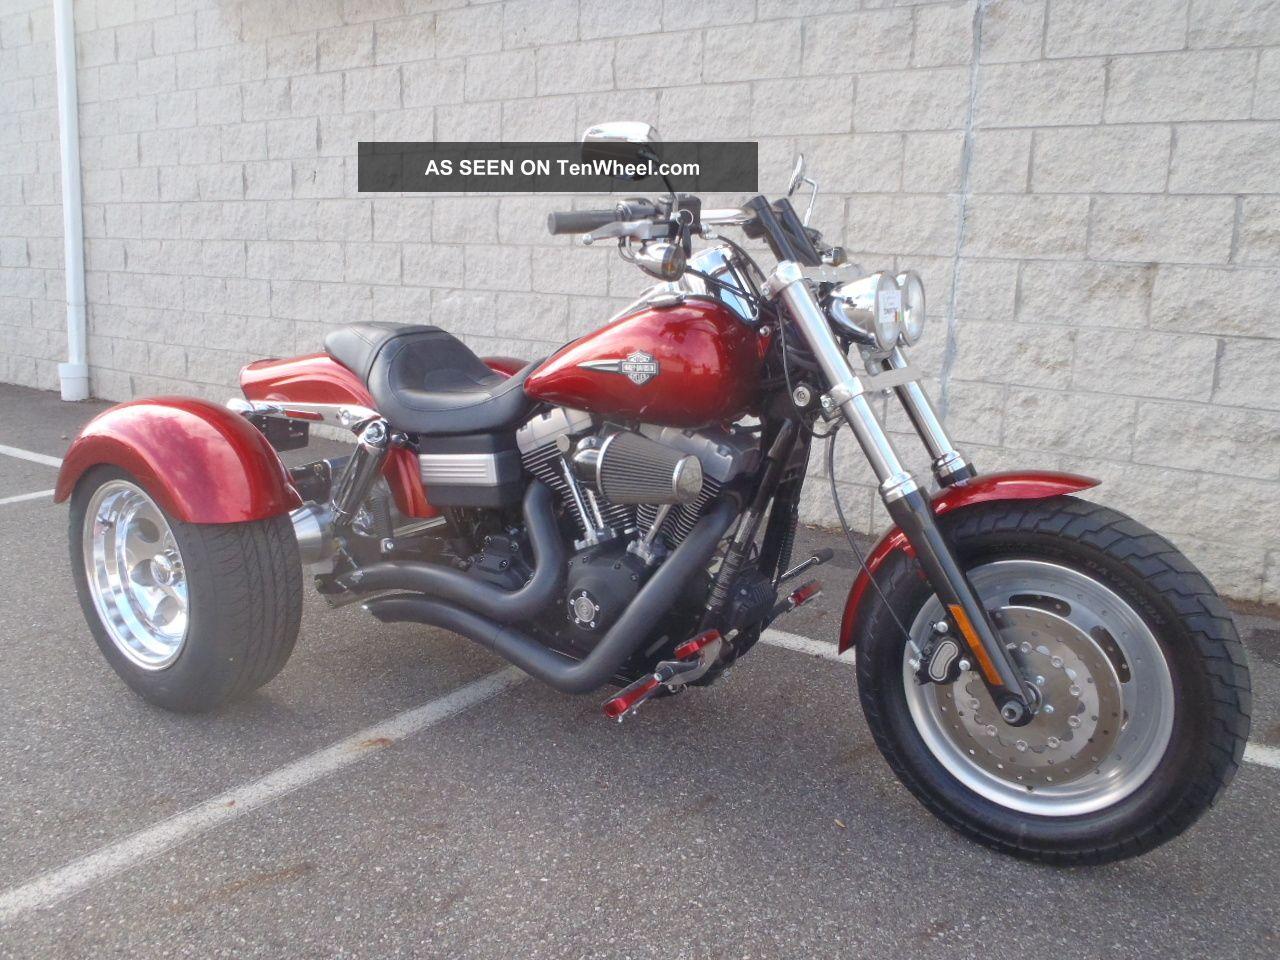 2008 Harley Davidson Fxdf Dyna Fatbob Frankenstien Trike